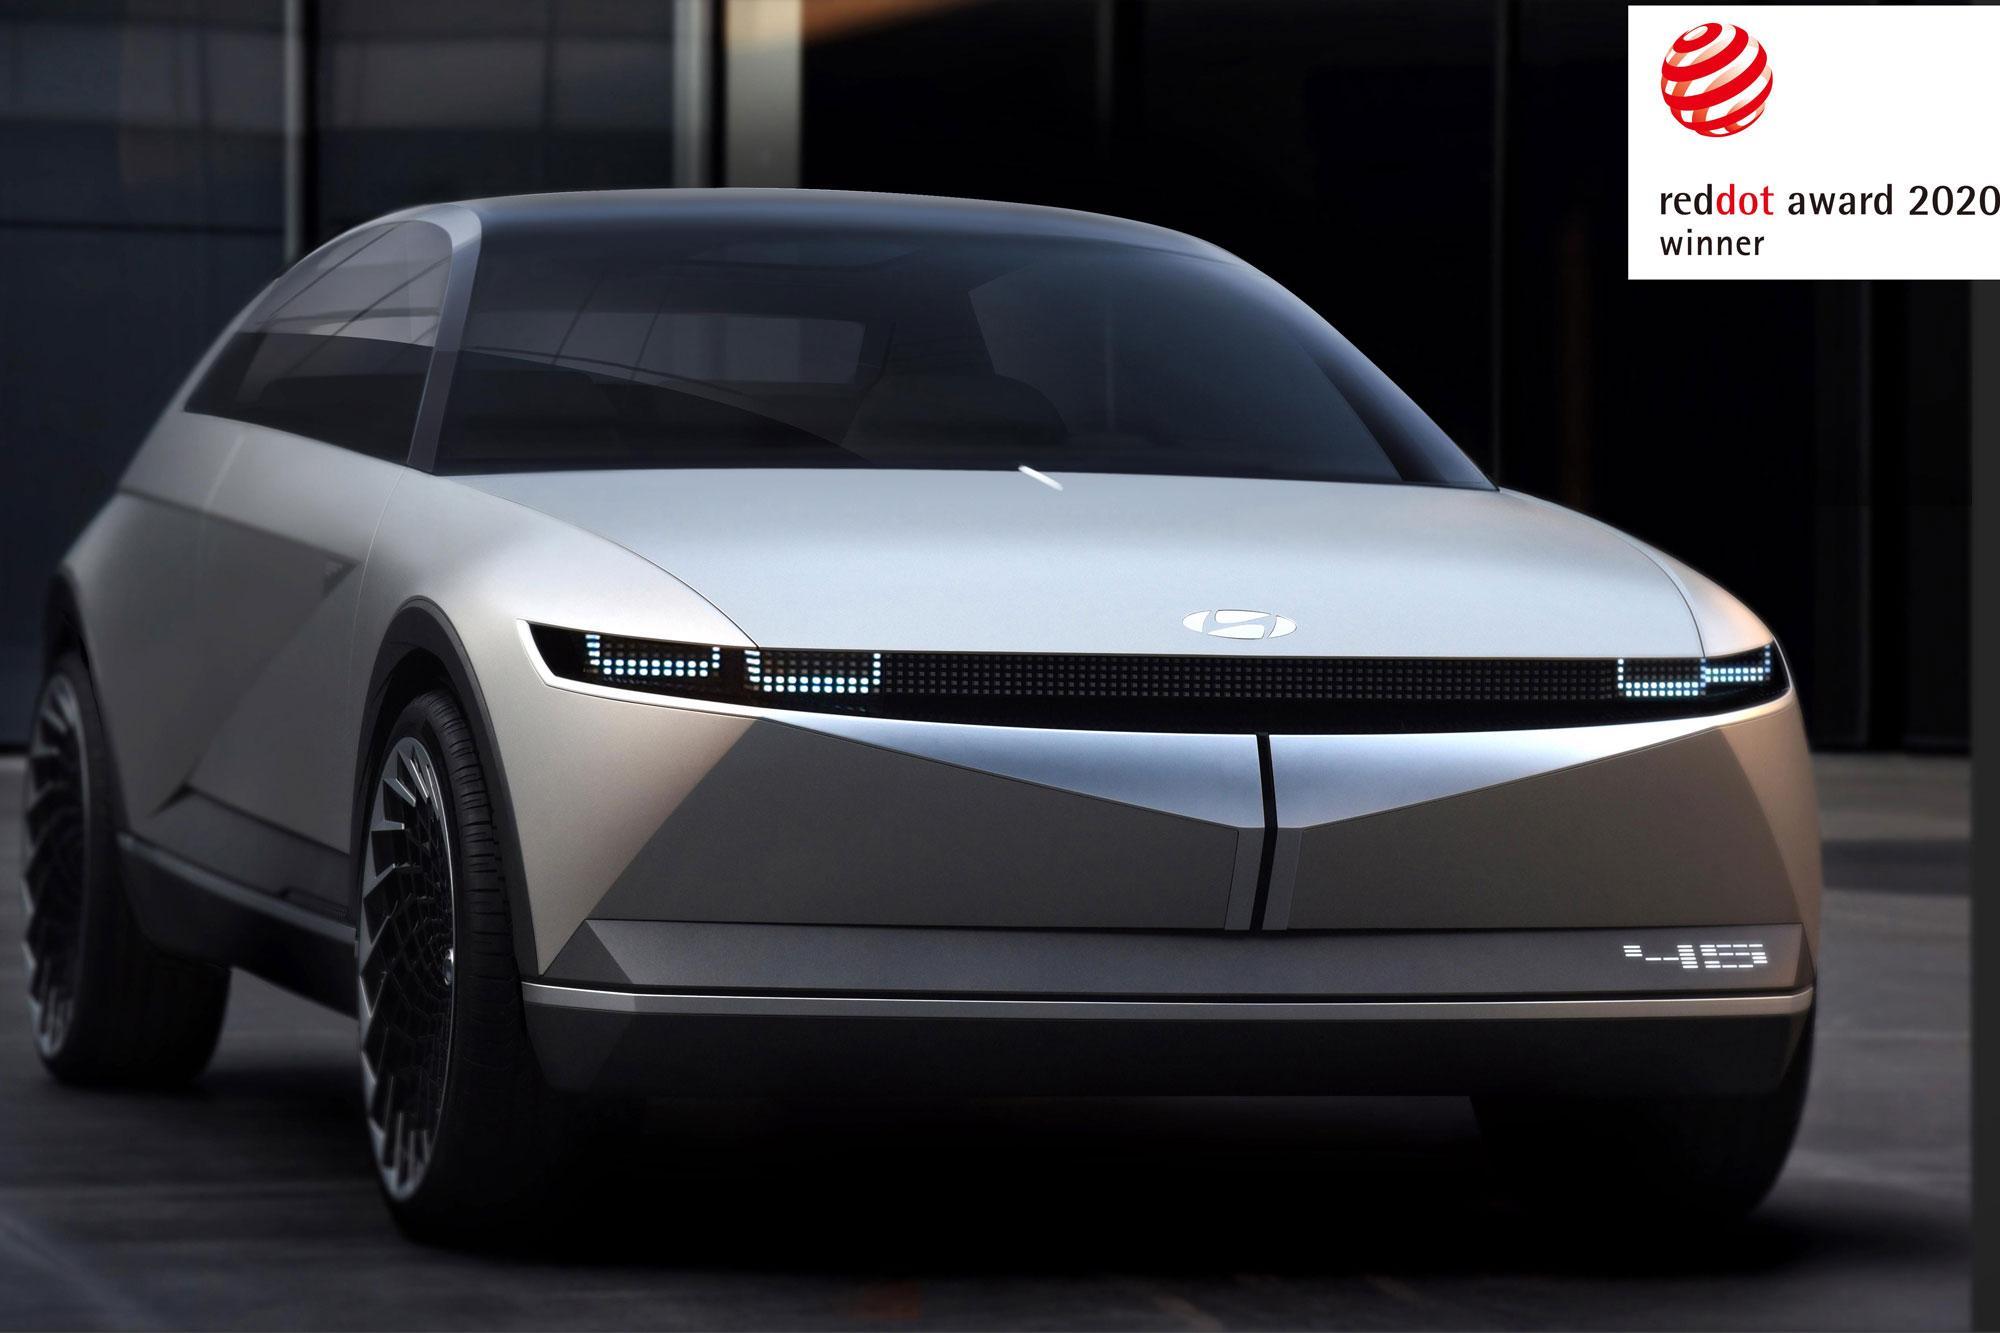 Η Hyundai στην κορυφή των Red Dot Awards 2020